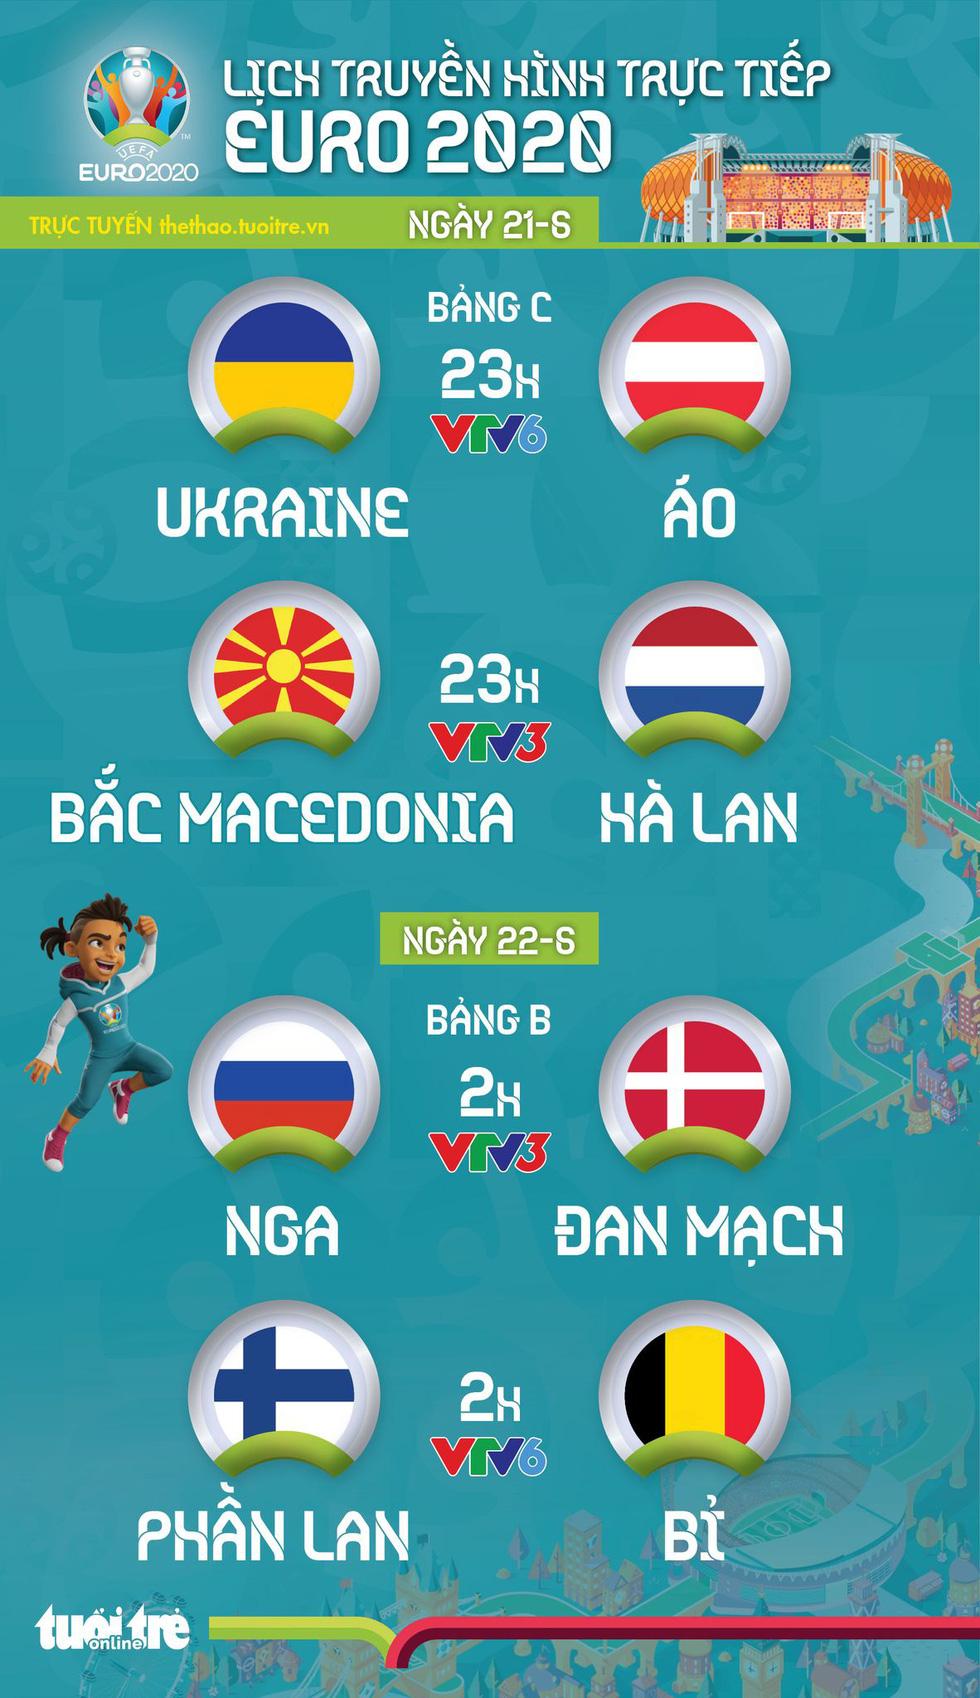 Lịch thi đấu Euro 2020: Ukraine - Áo, Bắc Macedonia - Hà Lan, Nga - Đan Mạch, Phần Lan - Bỉ - Ảnh 1.